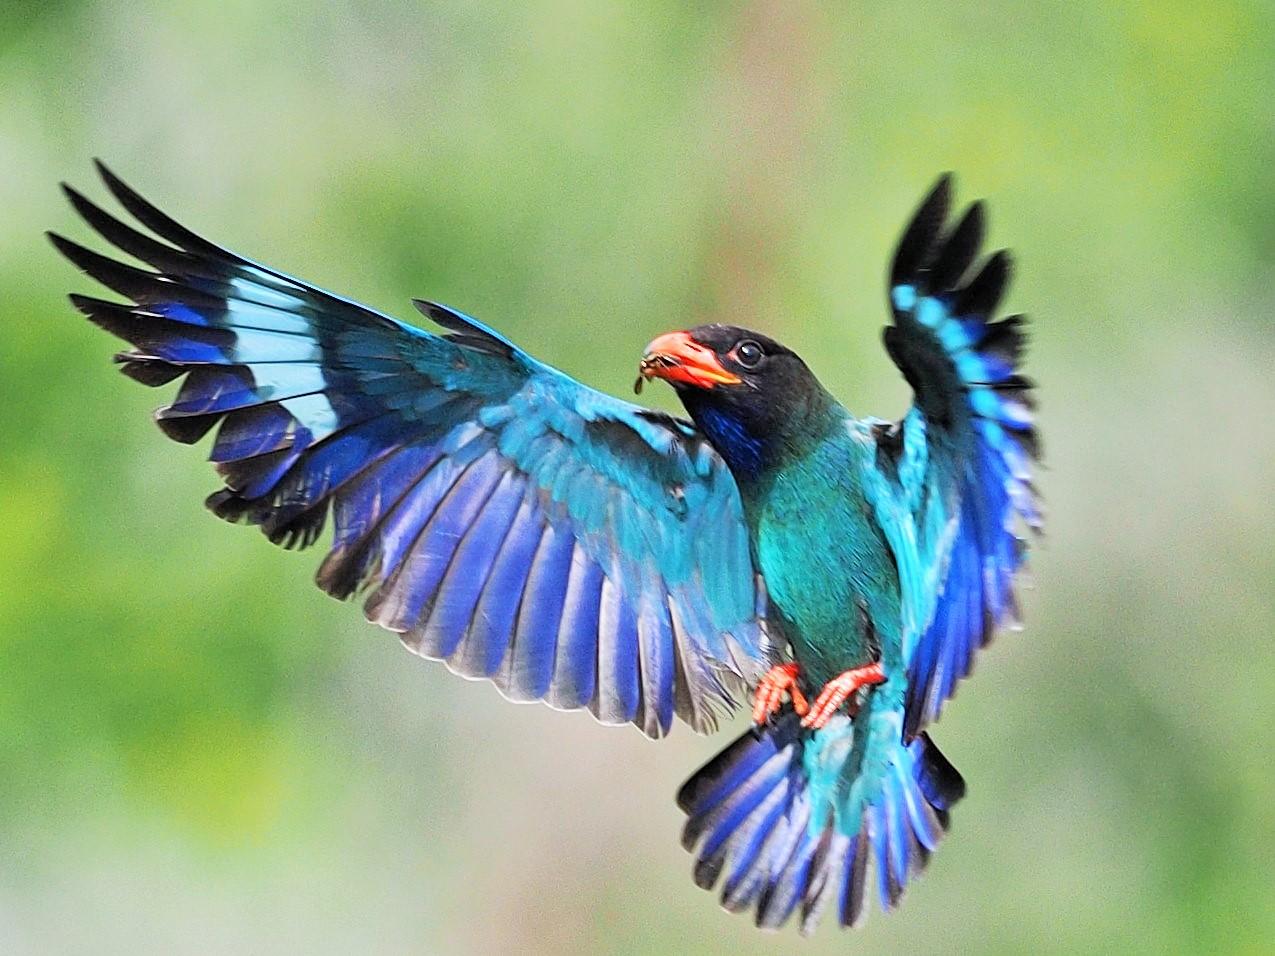 試し鳥のブログ2 : 森の宝石と云...